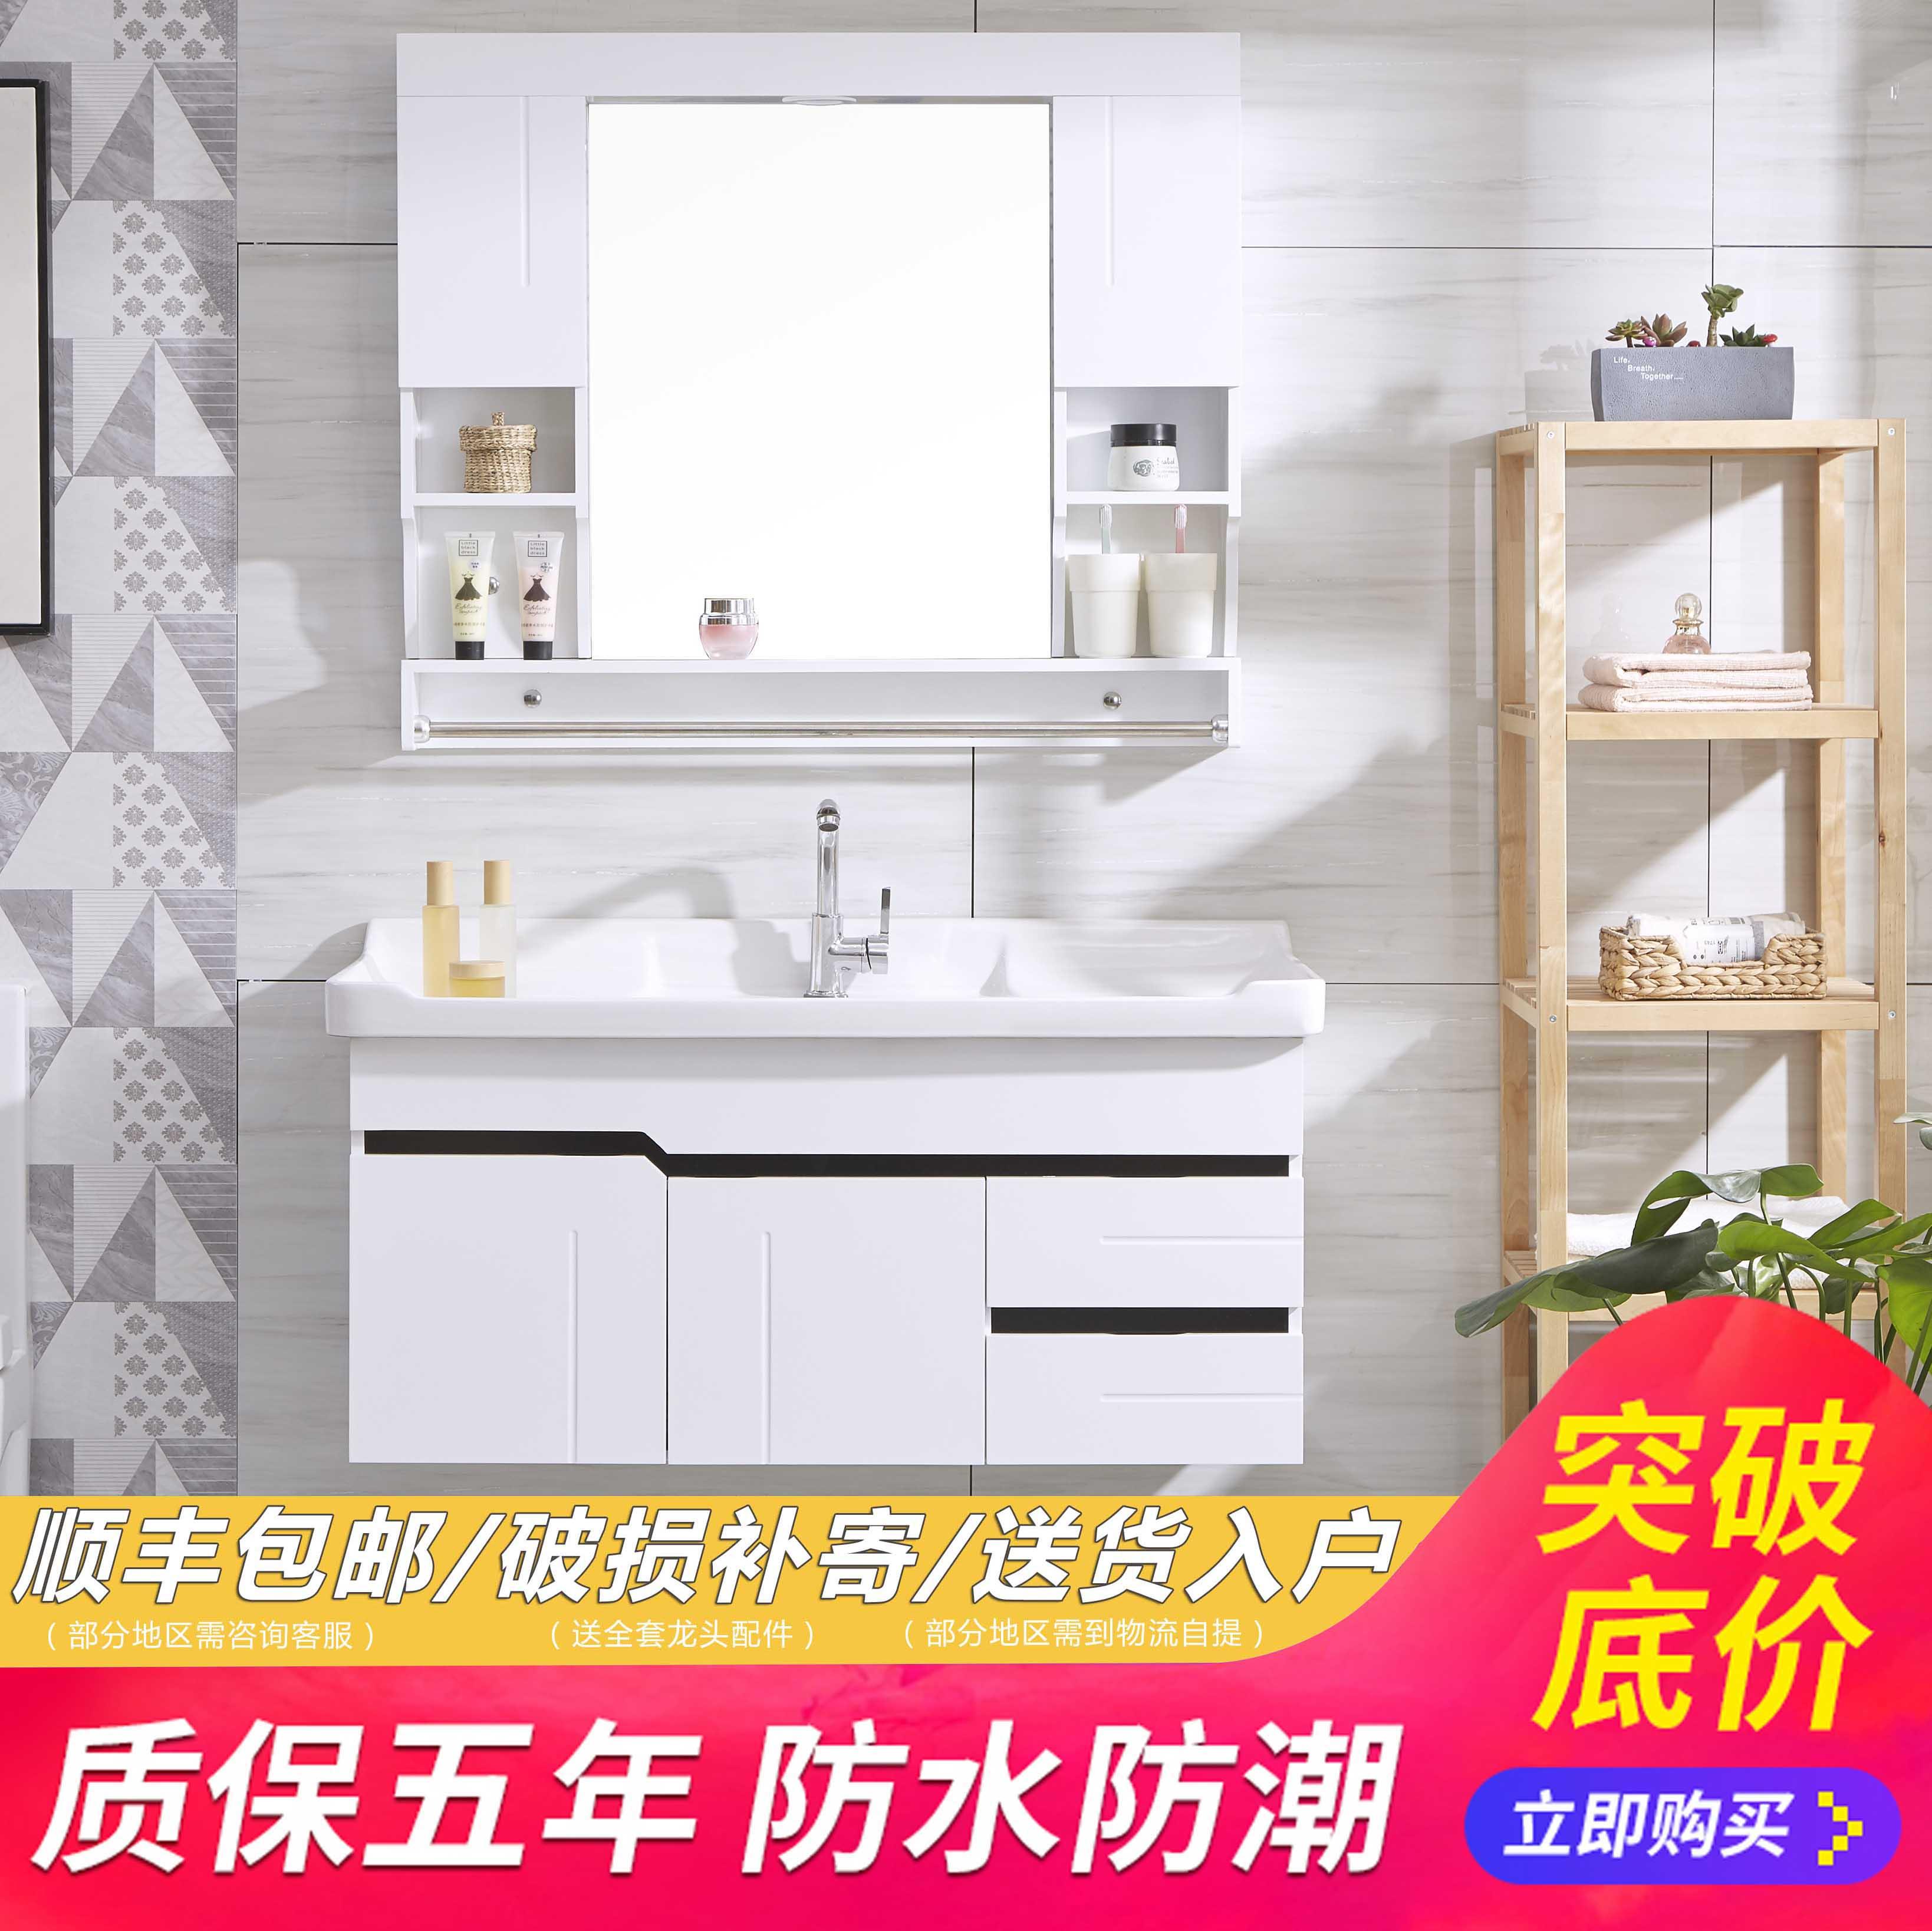 10月18日最新优惠现代简约pvc组合卫生间浴室柜